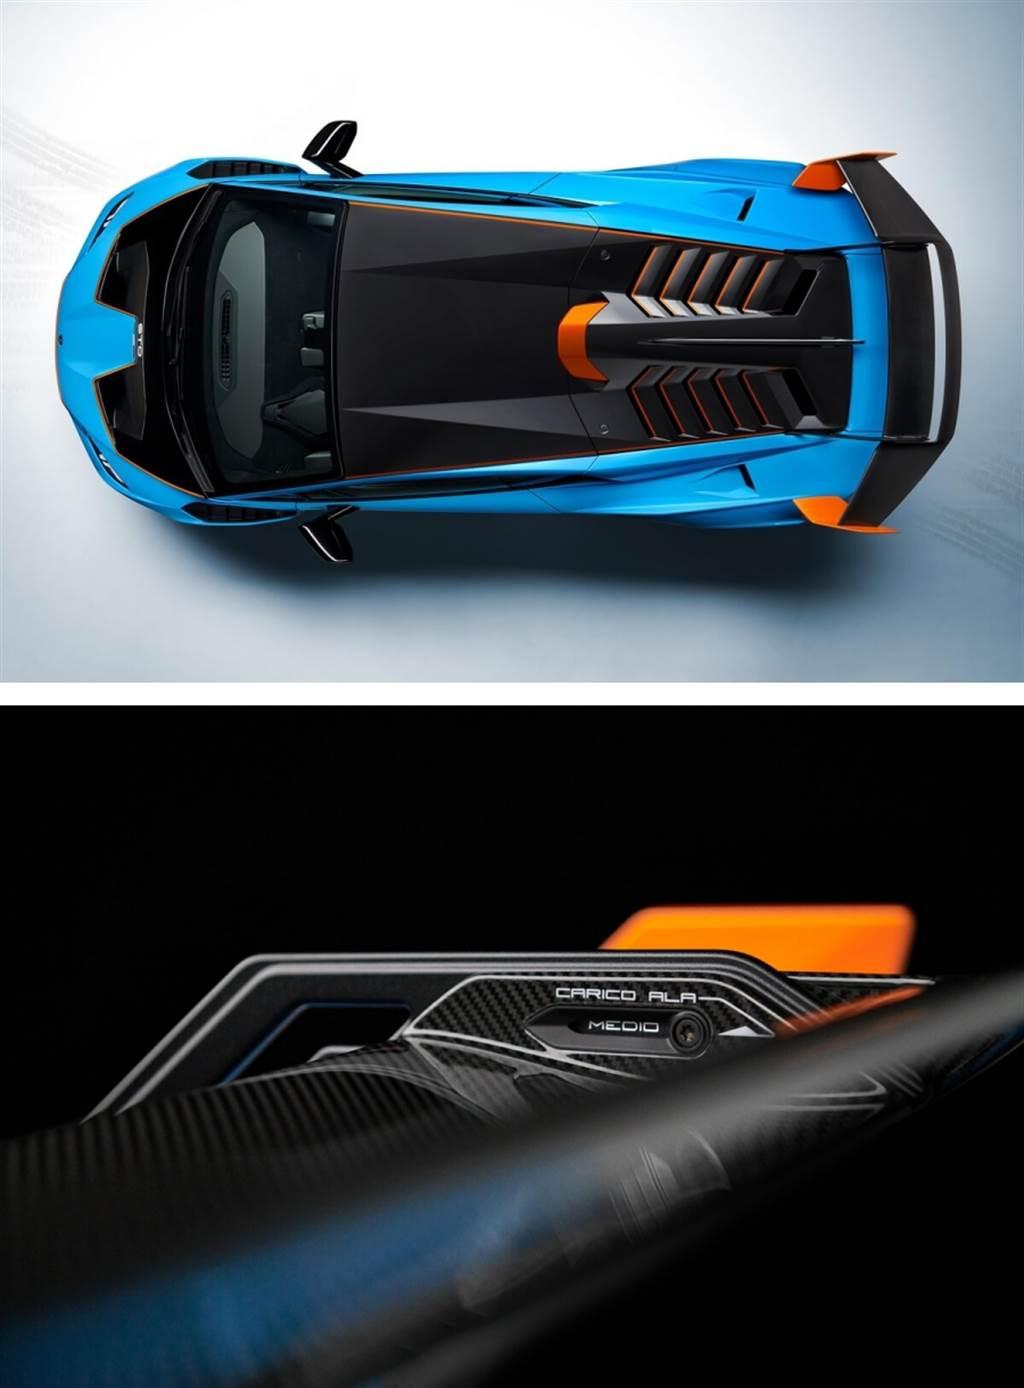 工廠賽車道路化!Lamborghini推出後驅特殊車型Huracán STO,並新增濕地模式